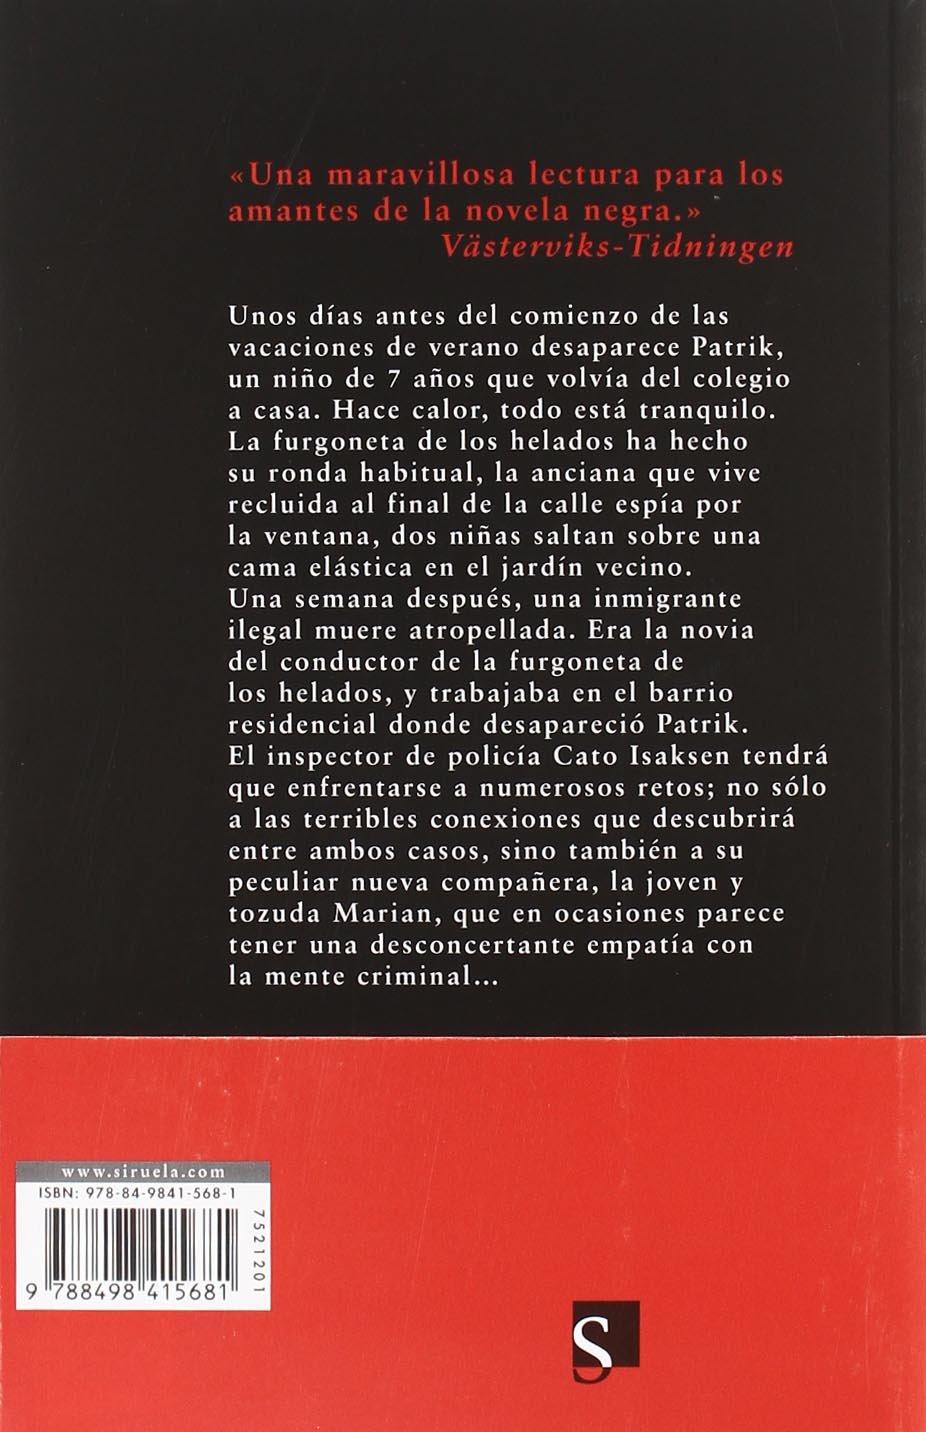 La trampa de miel / The honey trap (Spanish Edition): Unni Lindell: 9788498415681: Amazon.com: Books